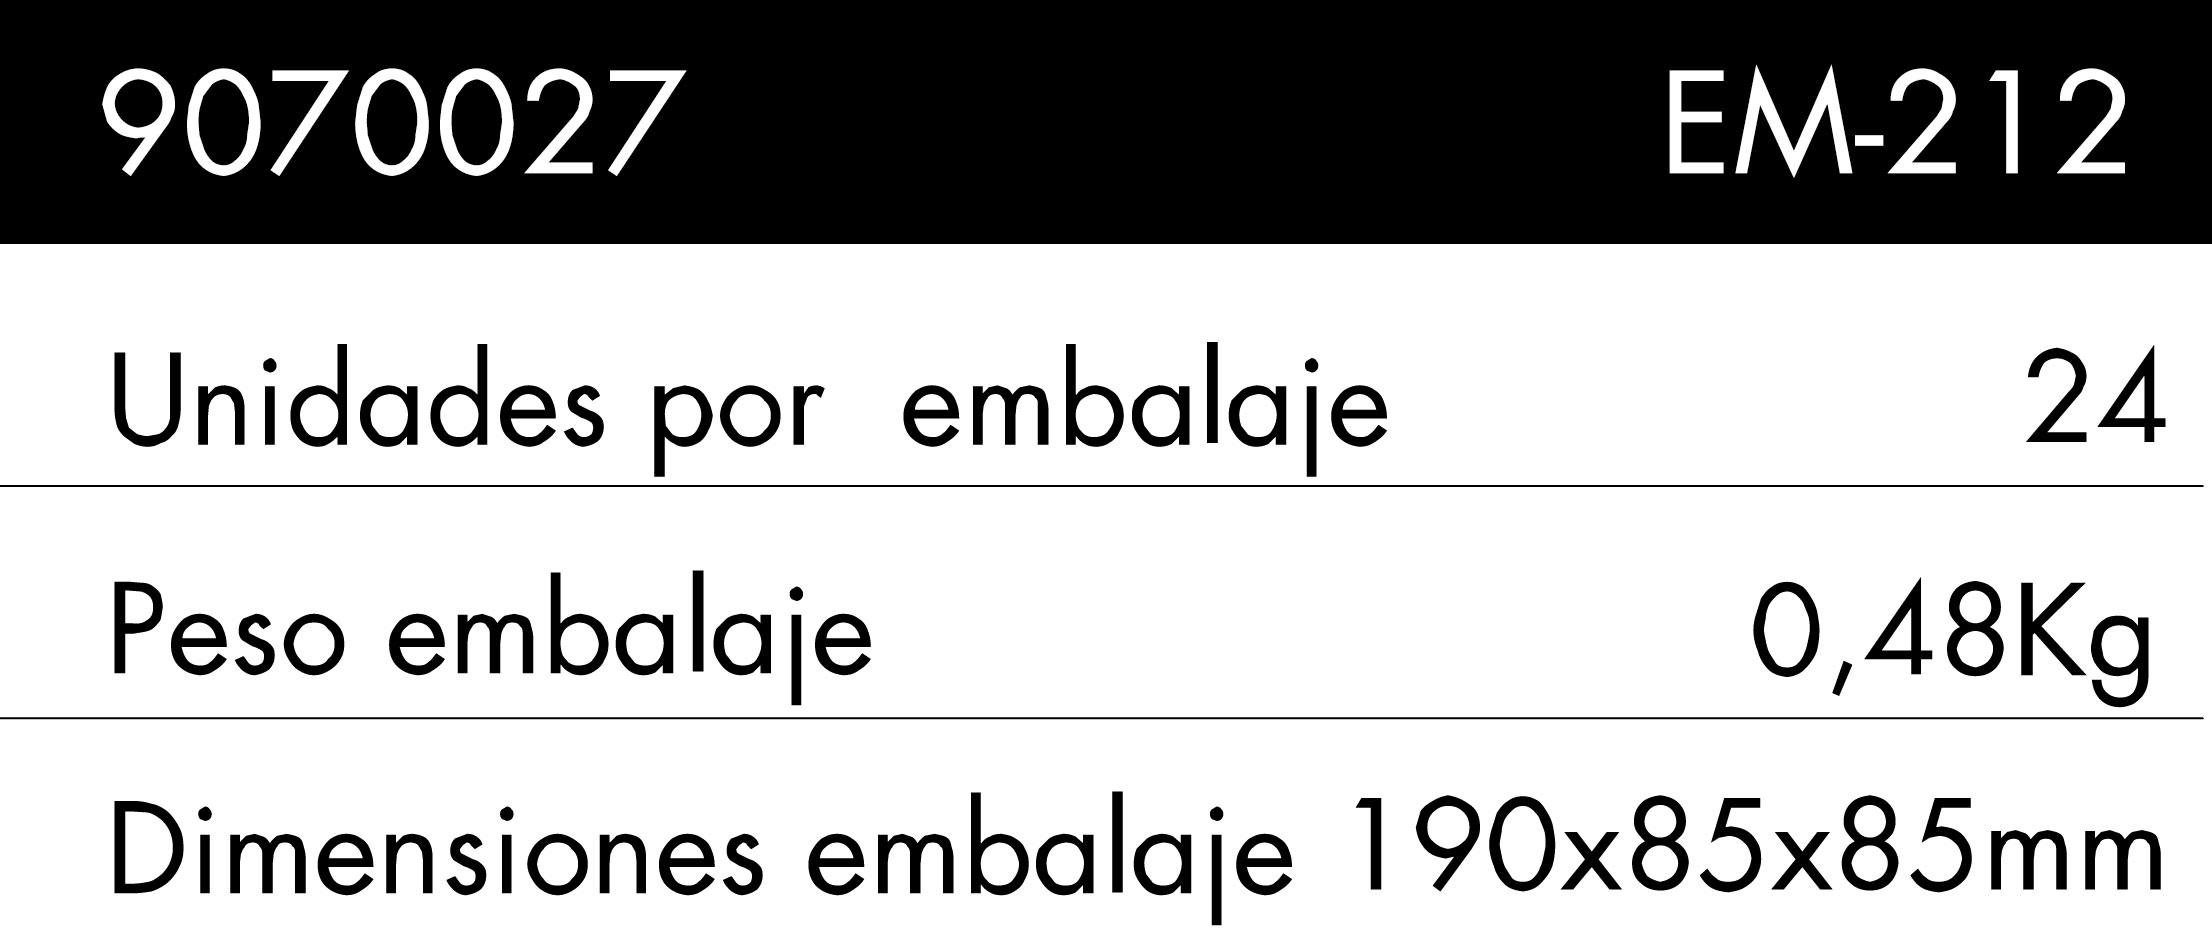 9070027-tablaES.jpg